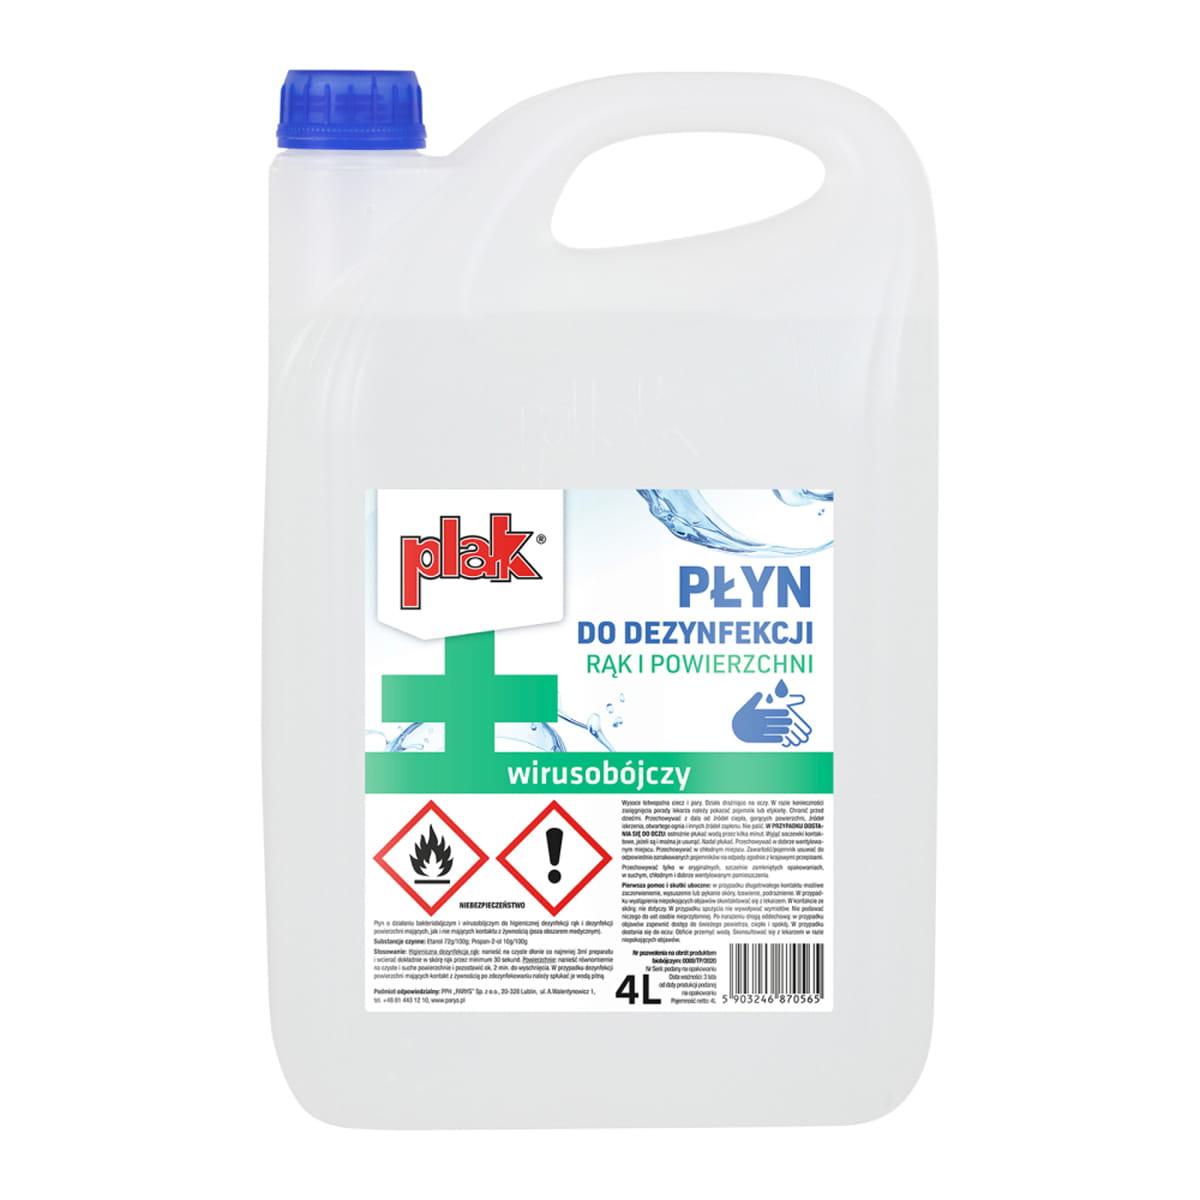 PLAK - płyn do dezynfekcji rąk i powierzchni 4L (1L też dostępny) | E. Leclerc